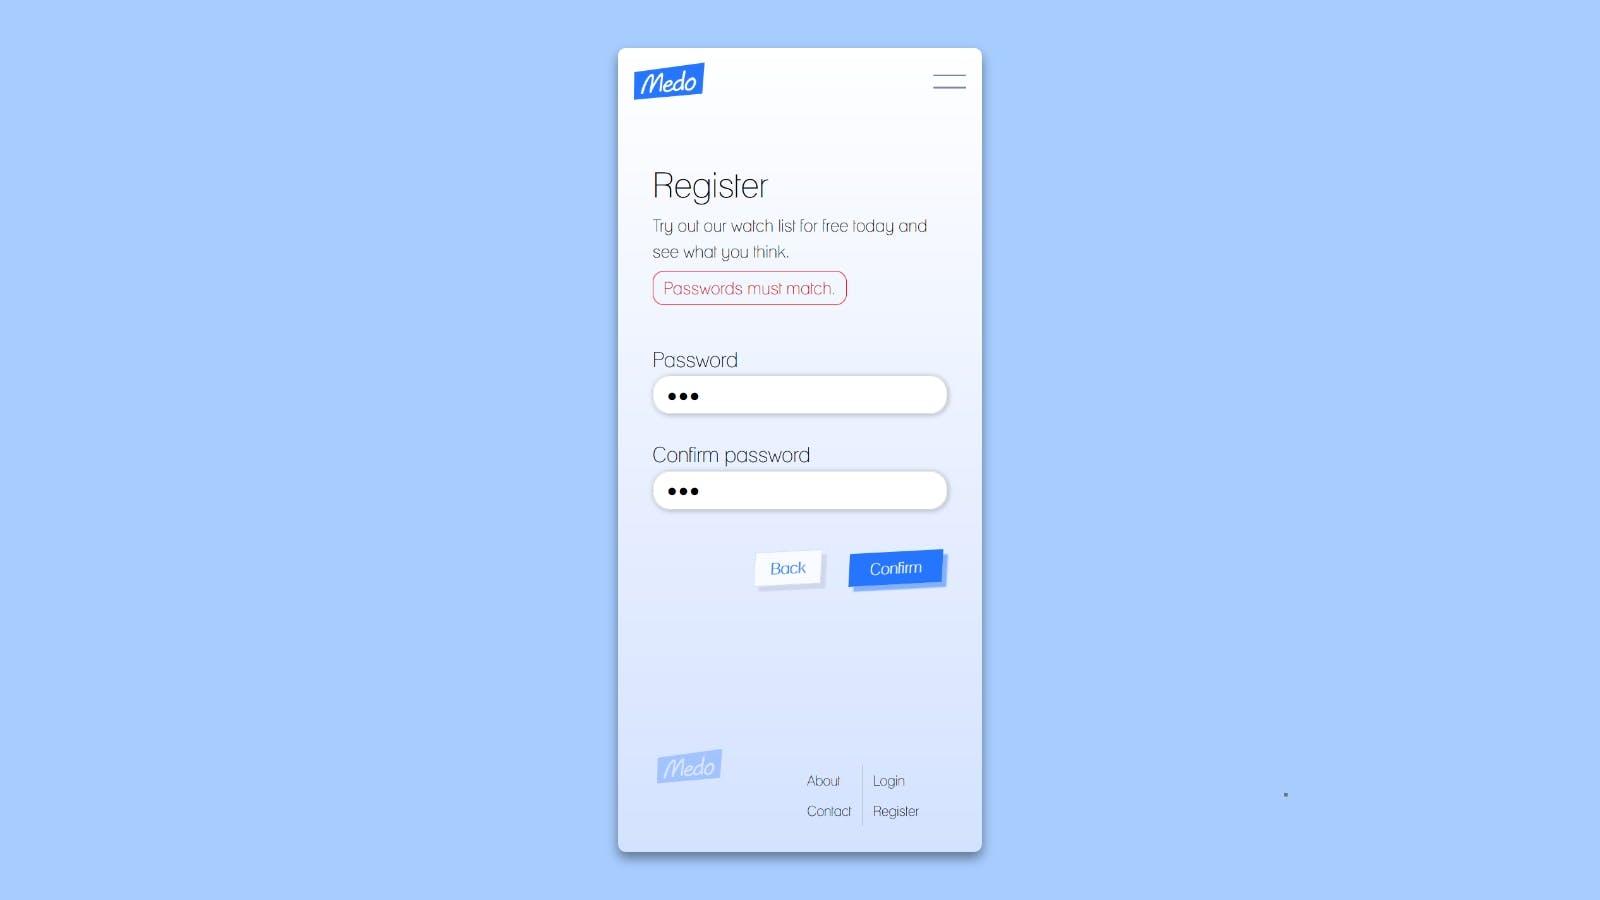 vue_5_img3_register – 1@2x.jpg